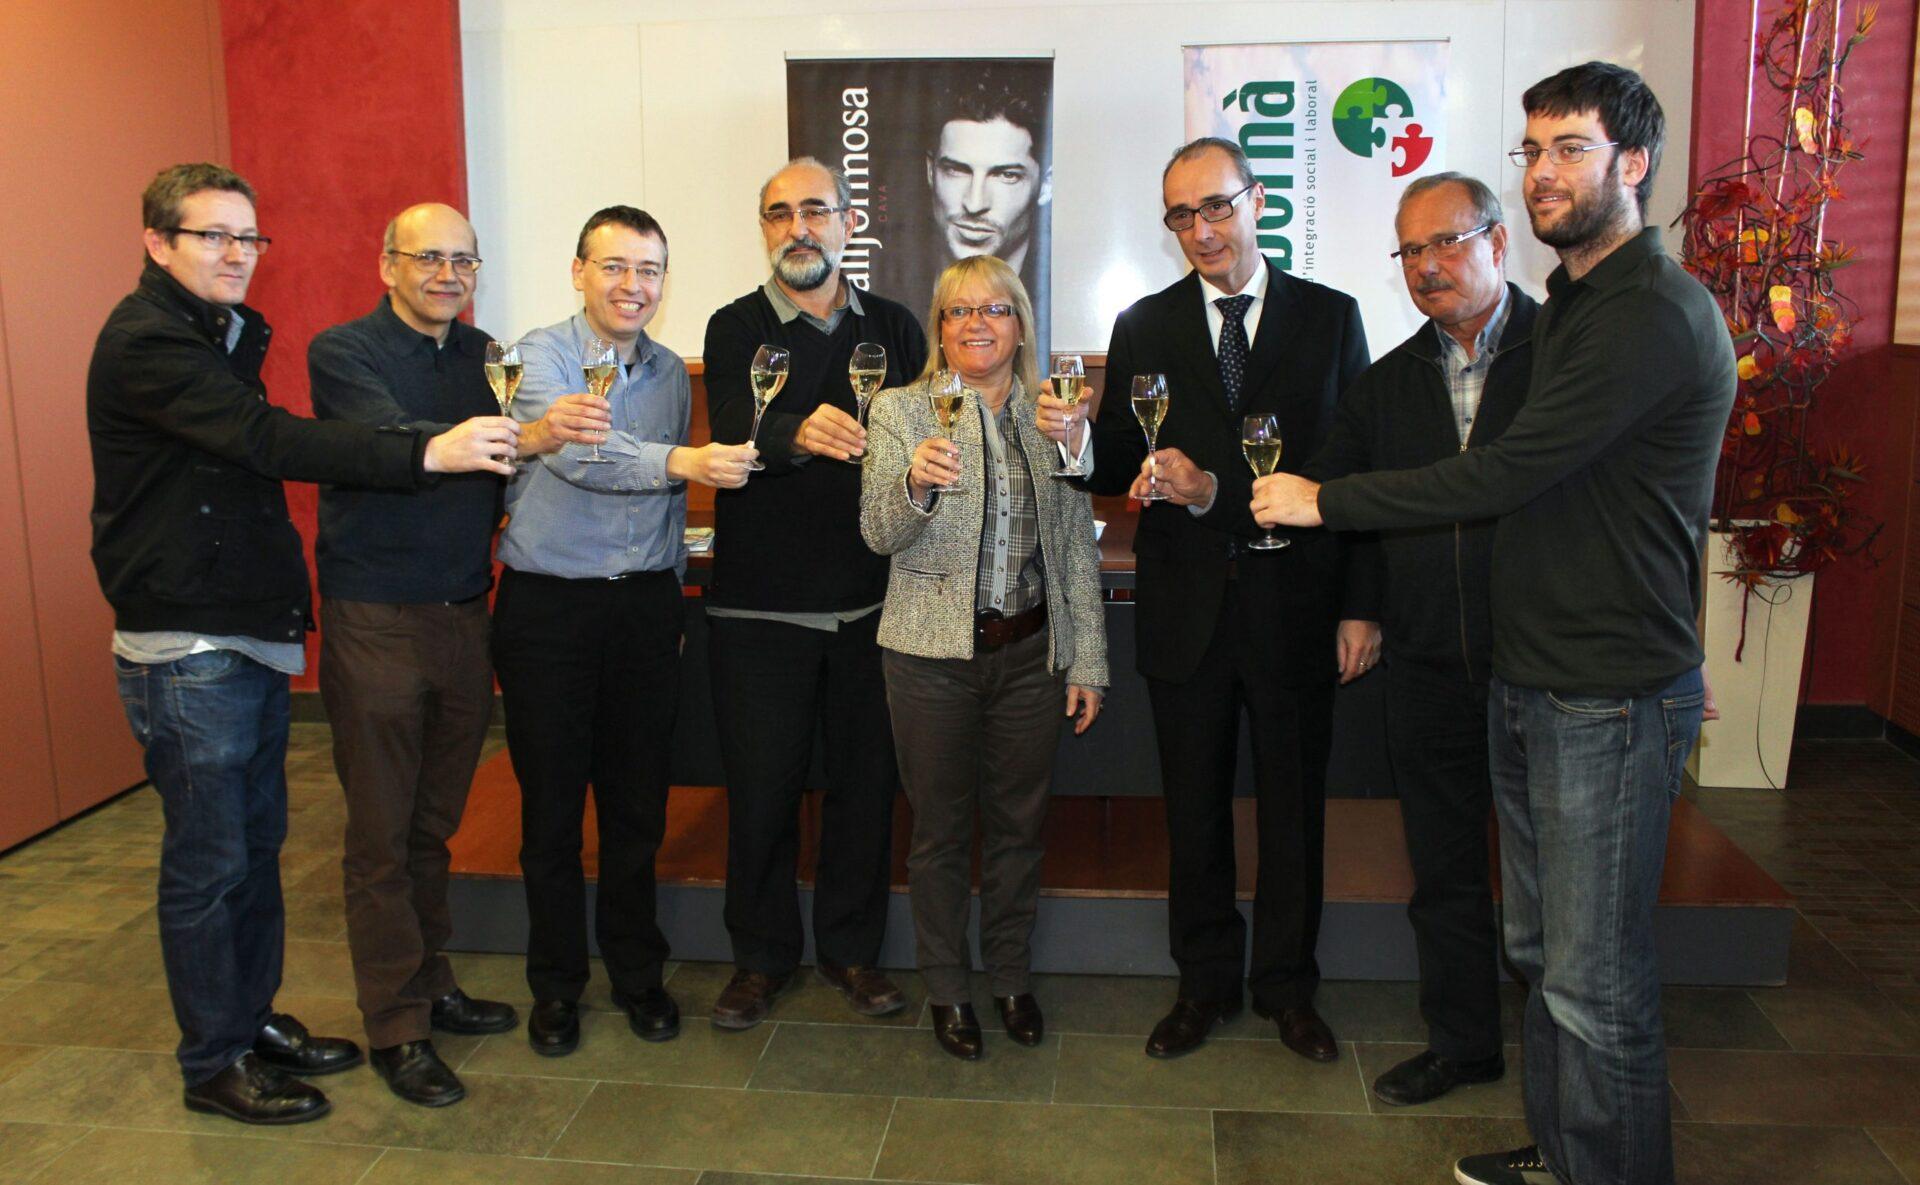 Acord amb Vallformosa per prestar serveis de suport a la producció